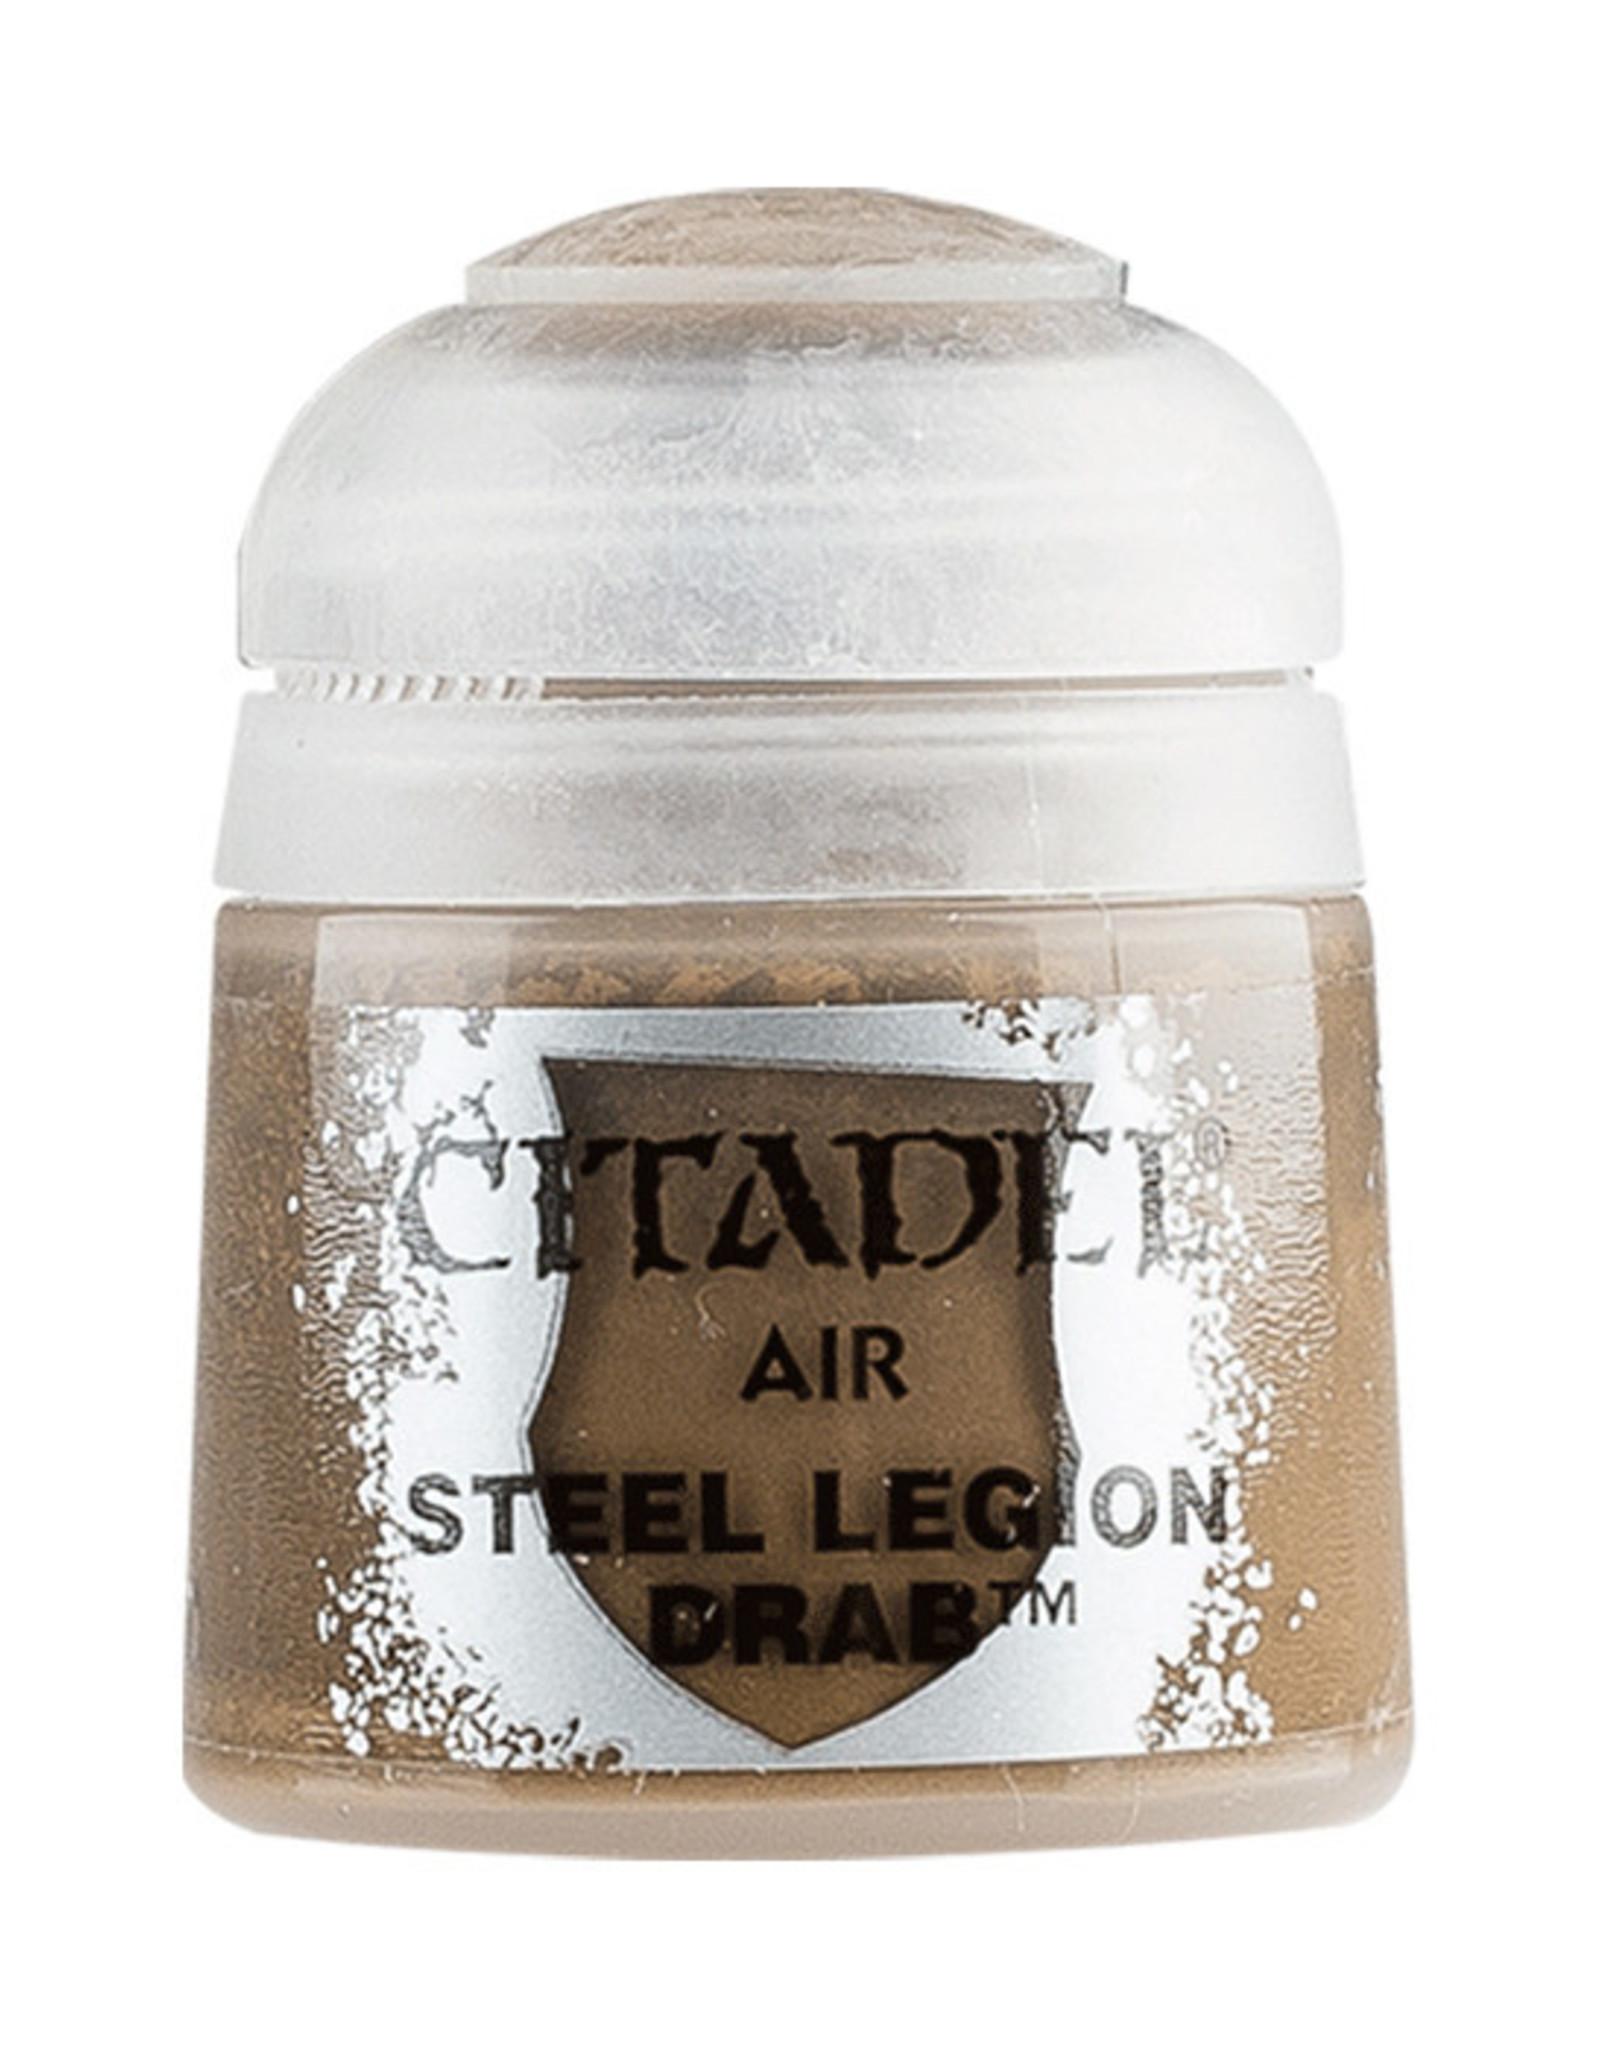 Citadel Citadel Colour: Air - Steel Legion Drab